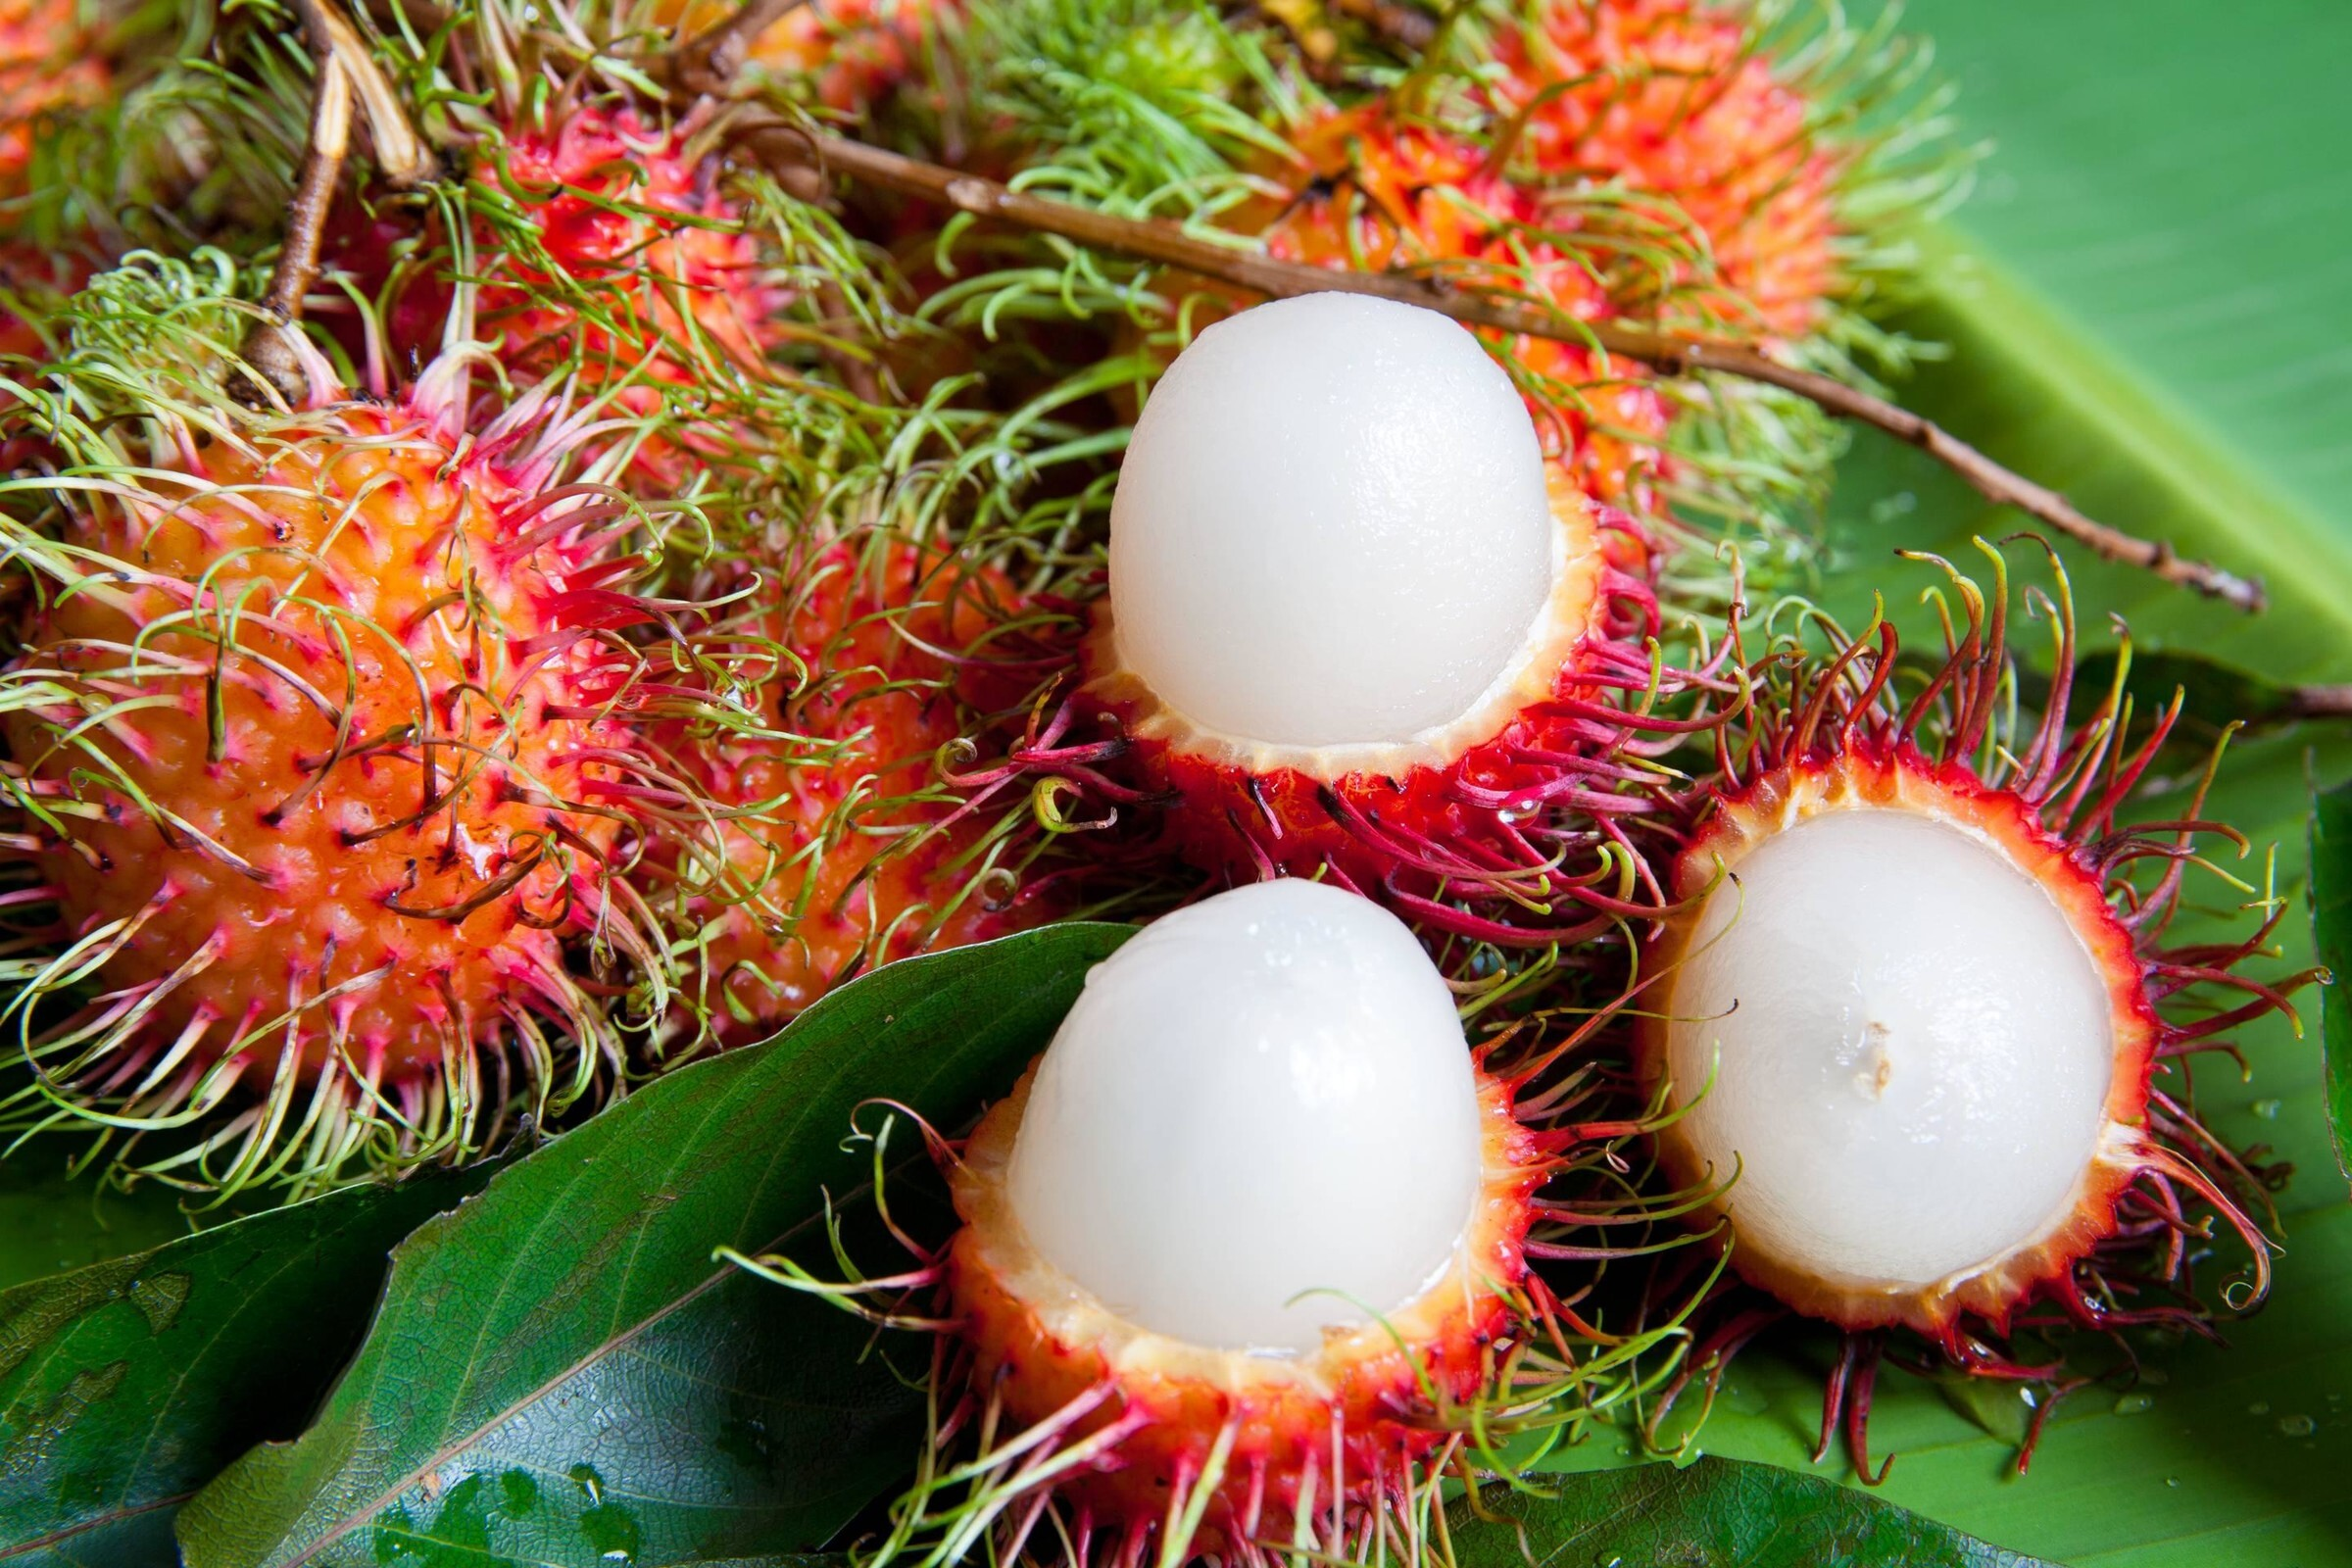 Обои напиток, стол, фрукты, цветы, фрукт дракона, апельсин, арбуз. Еда foto 18